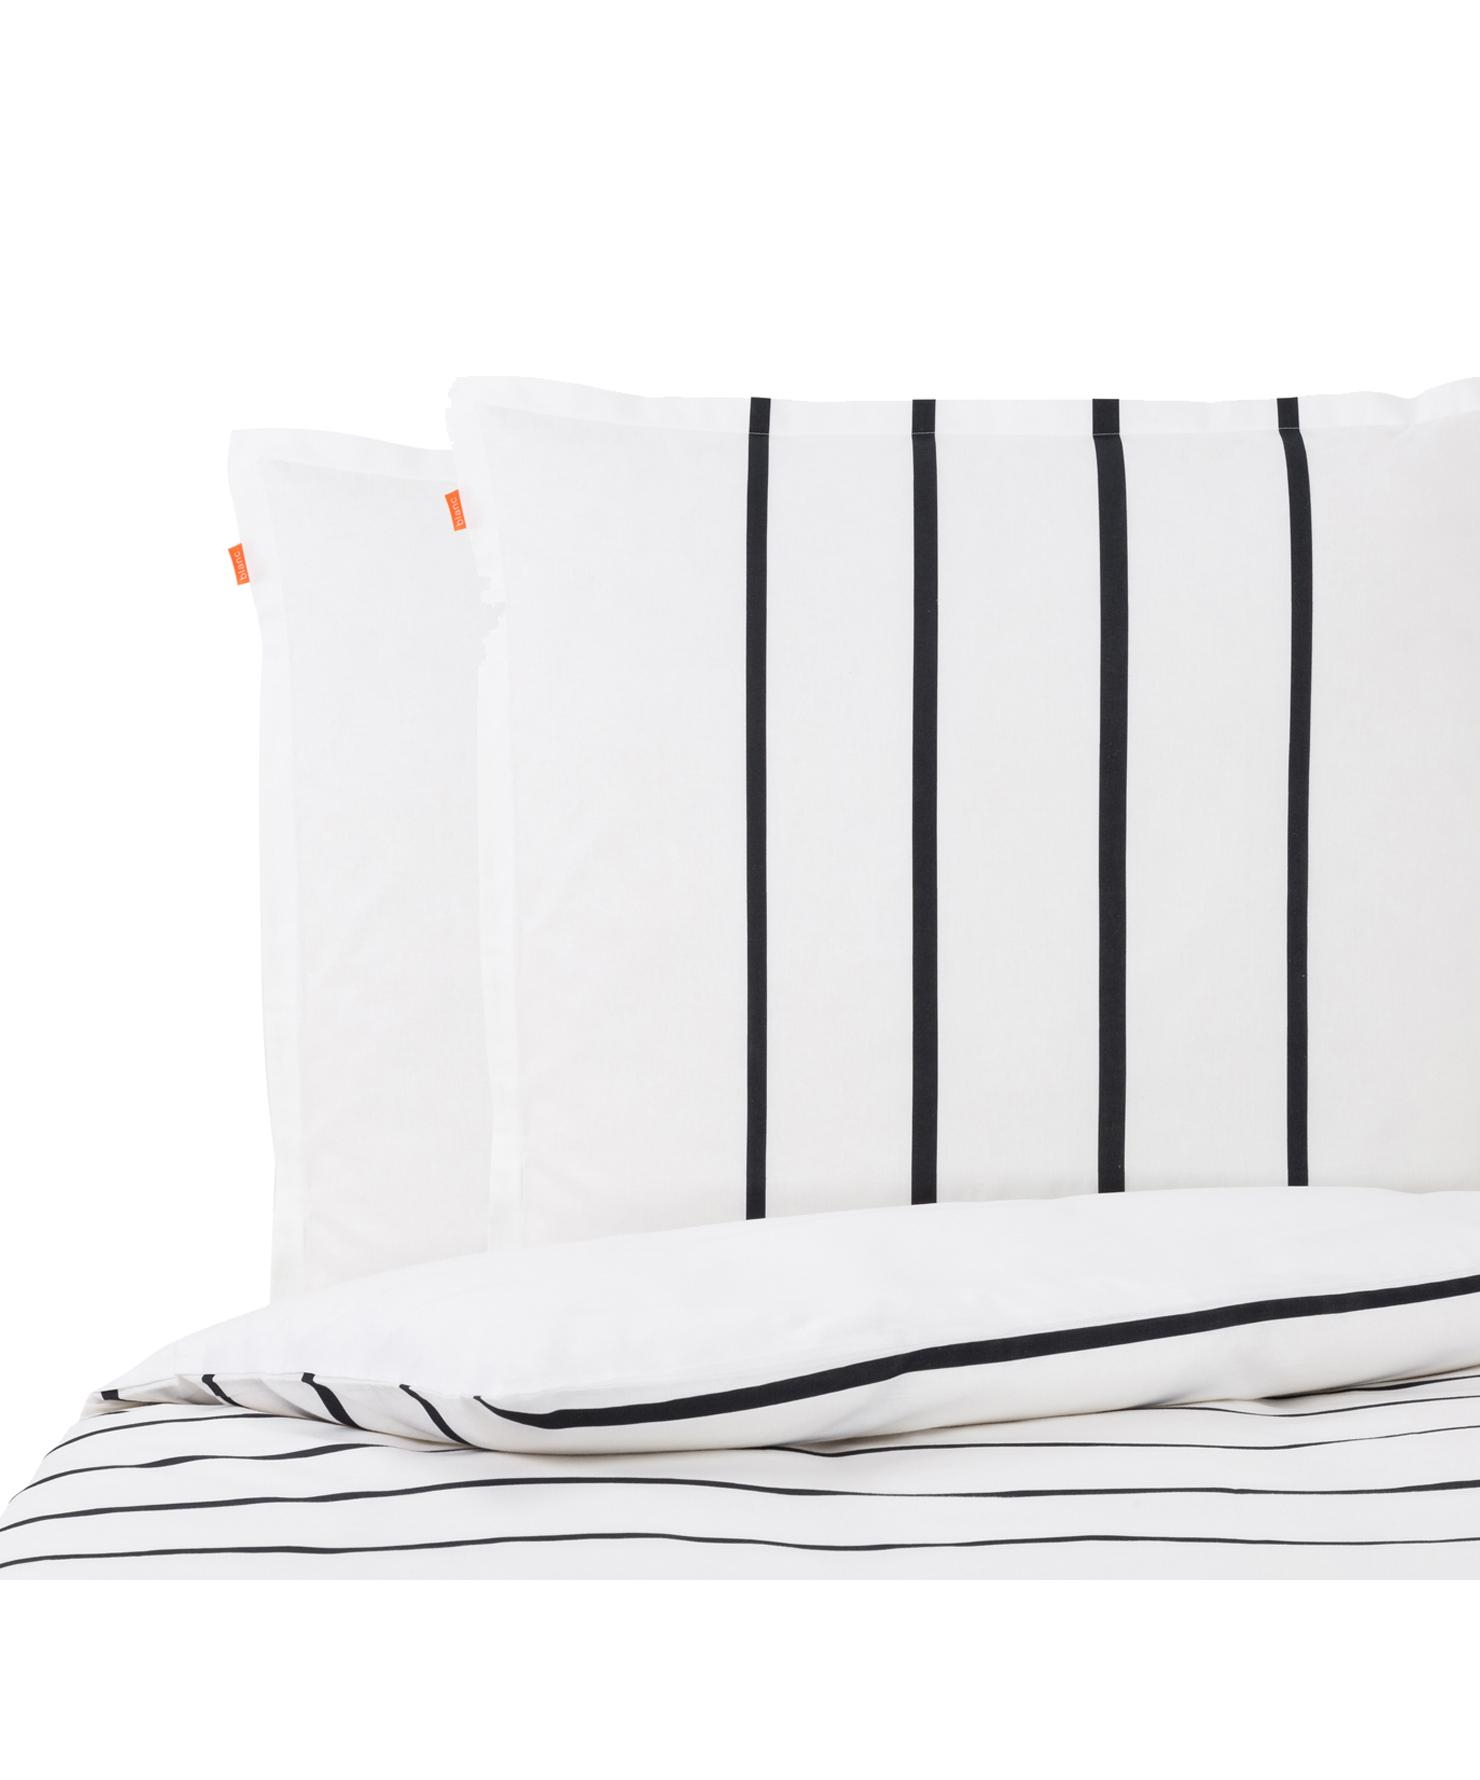 Parure copripiumino reversibile in cotone Blush, Cotone, Bianco, nero, rosa, 200 x 200 cm